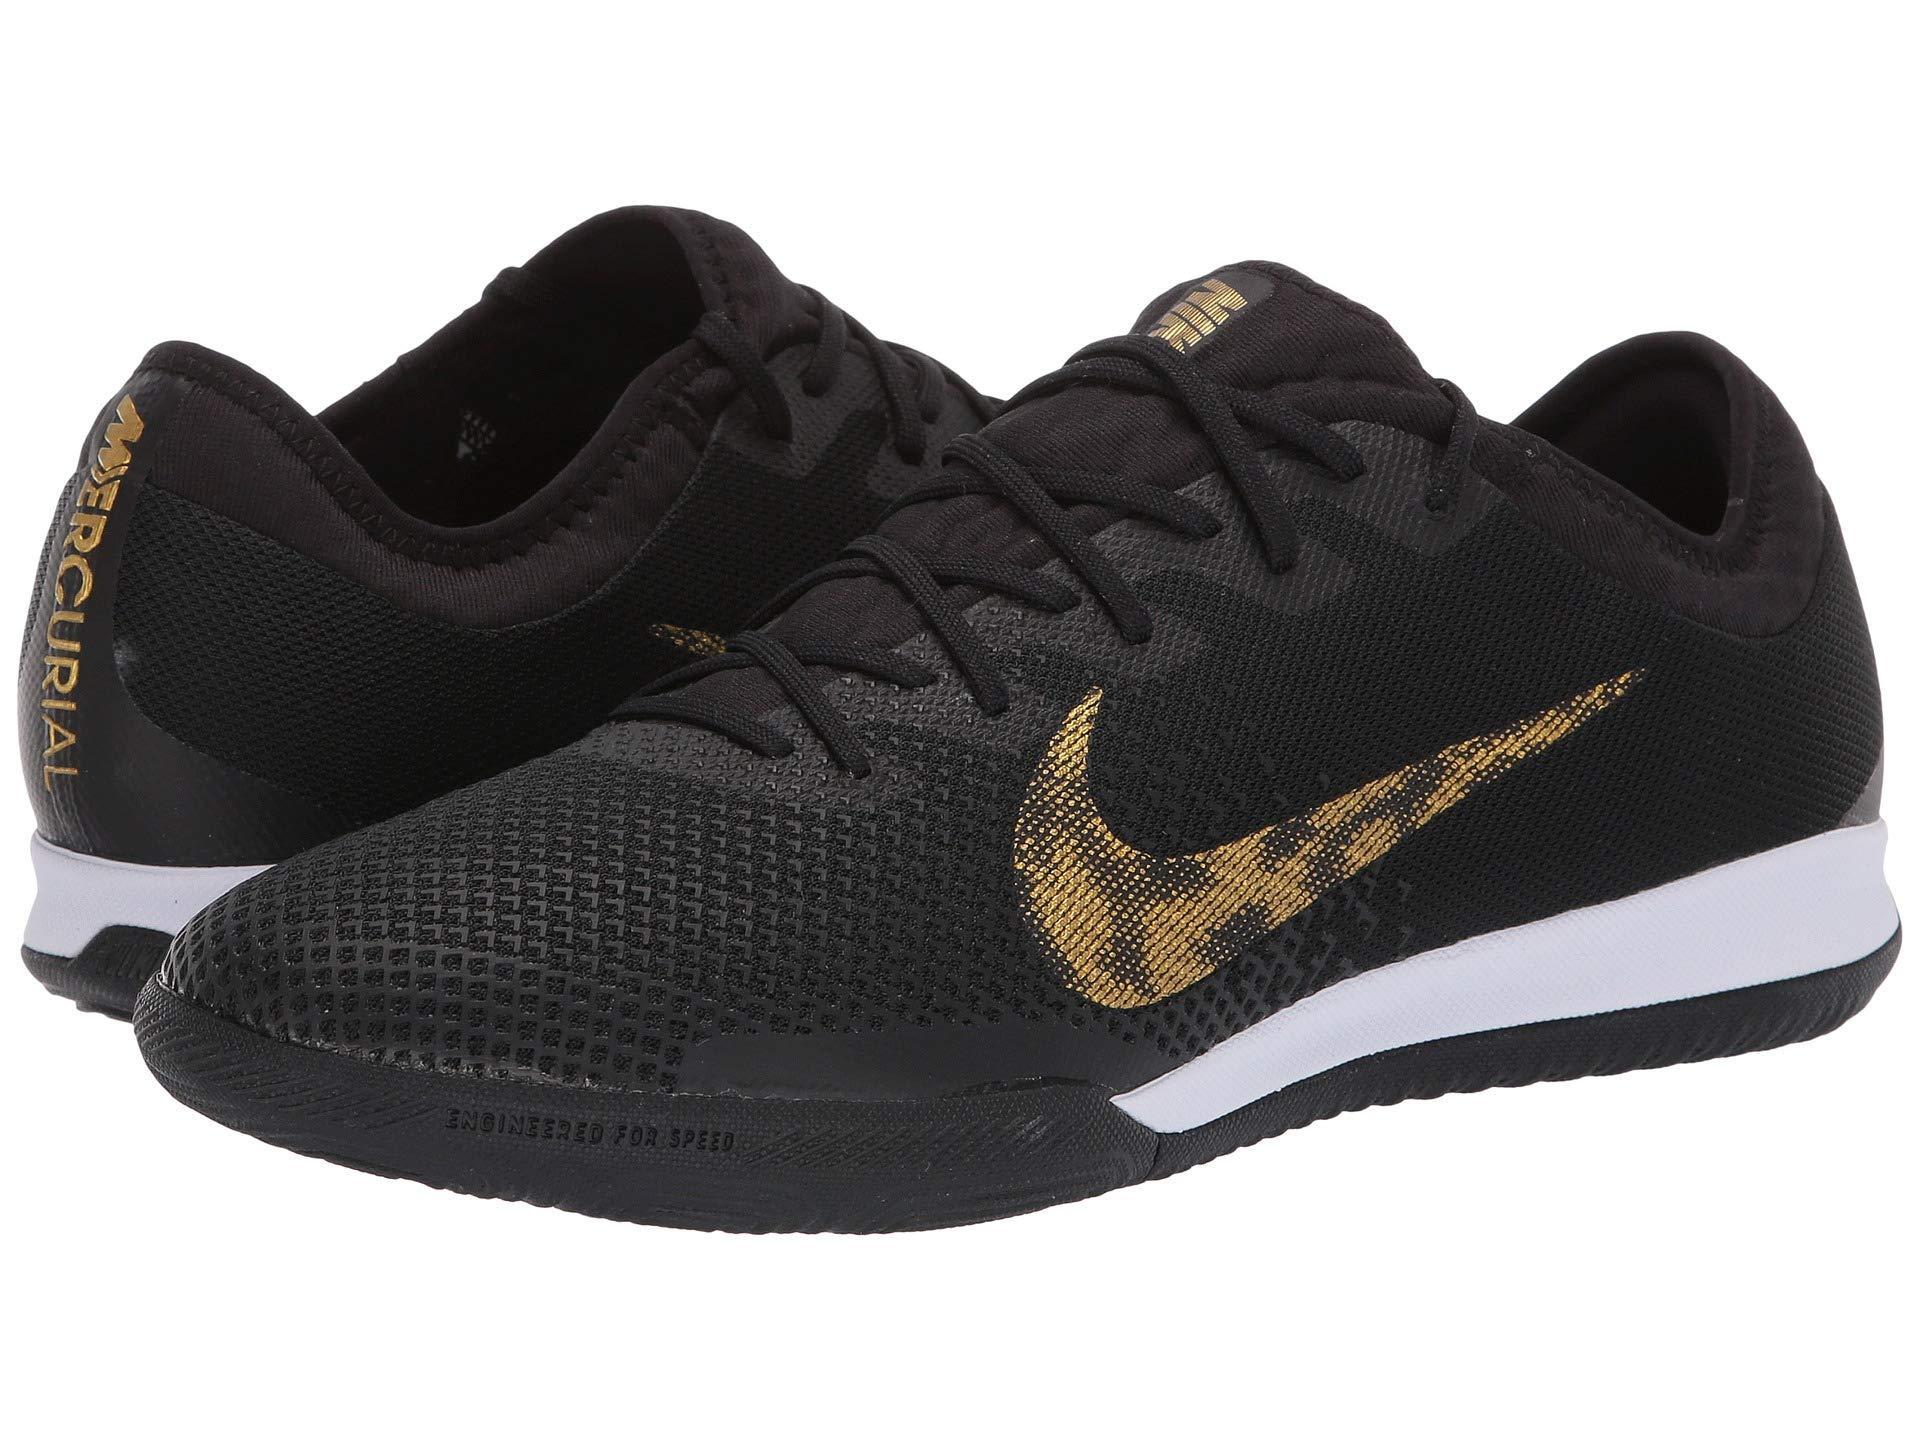 6ea1192fb Nike Vaporx 12 Pro Ic (black metallic Vivid Gold) Men s Soccer Shoes ...